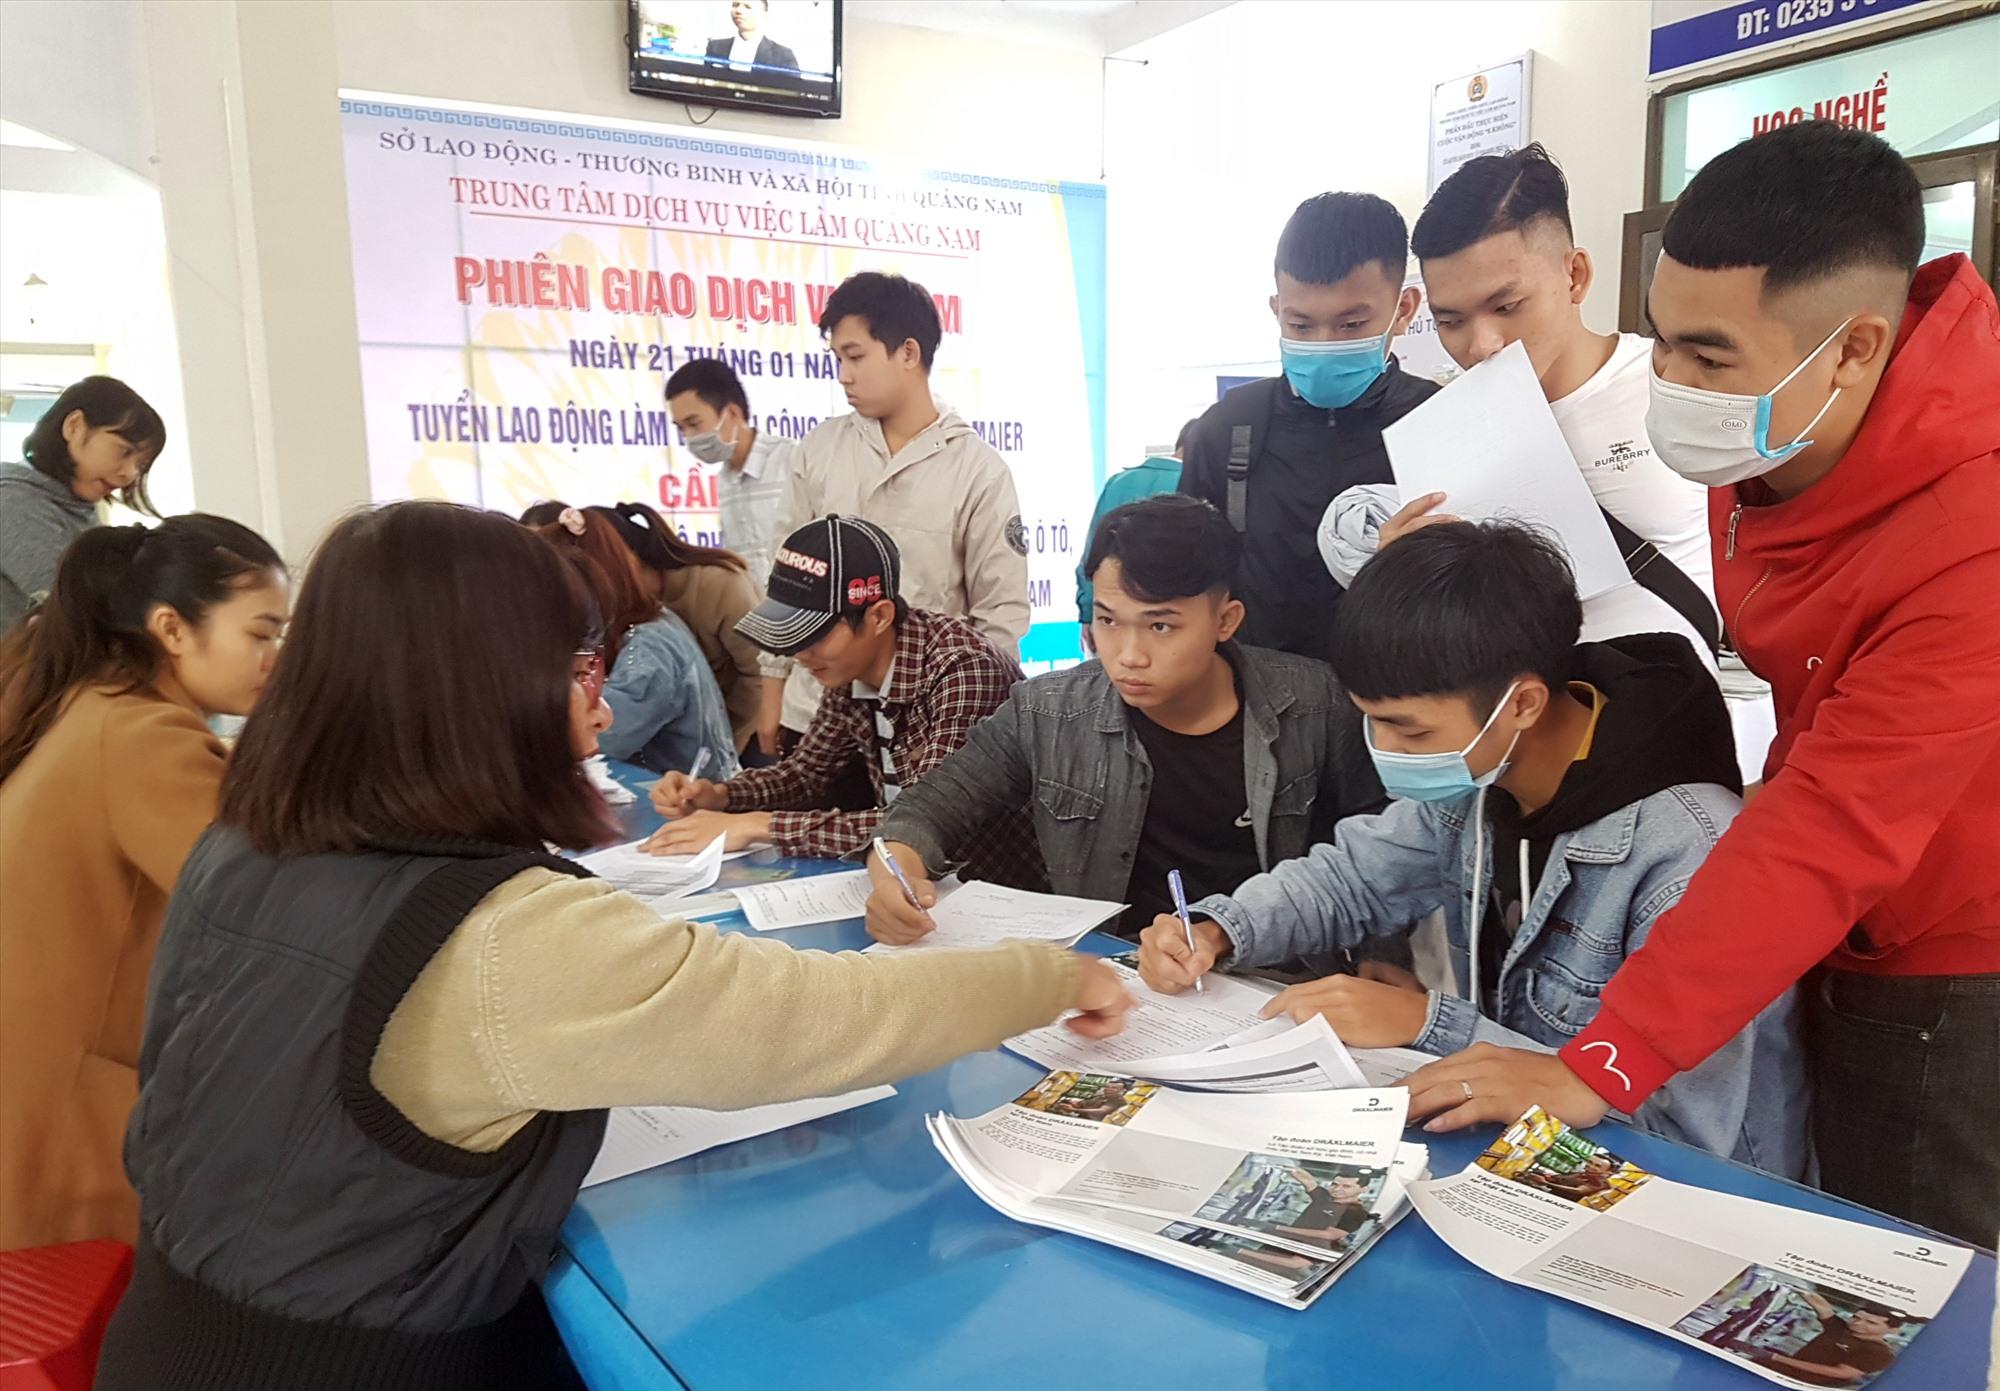 Người lao động tìm hiểu, đăng ký tuyển dụng tại Phiên giao dịch việc làm ngày 21.1. Ảnh: D.L